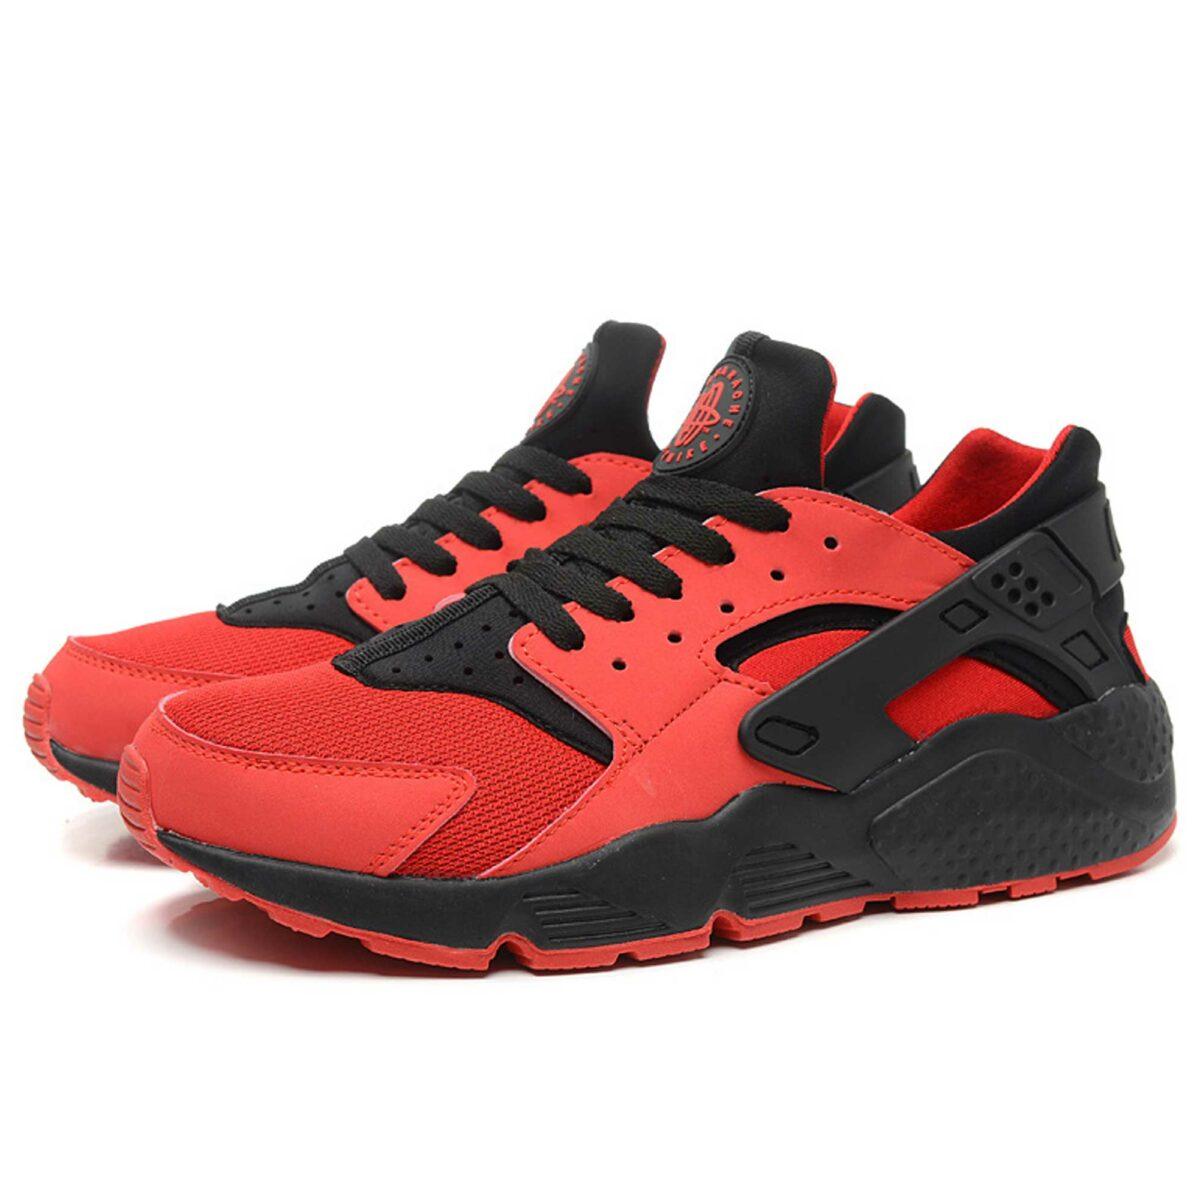 Интернет магазин купить оригинальные Nike Air Huarache University Red Black